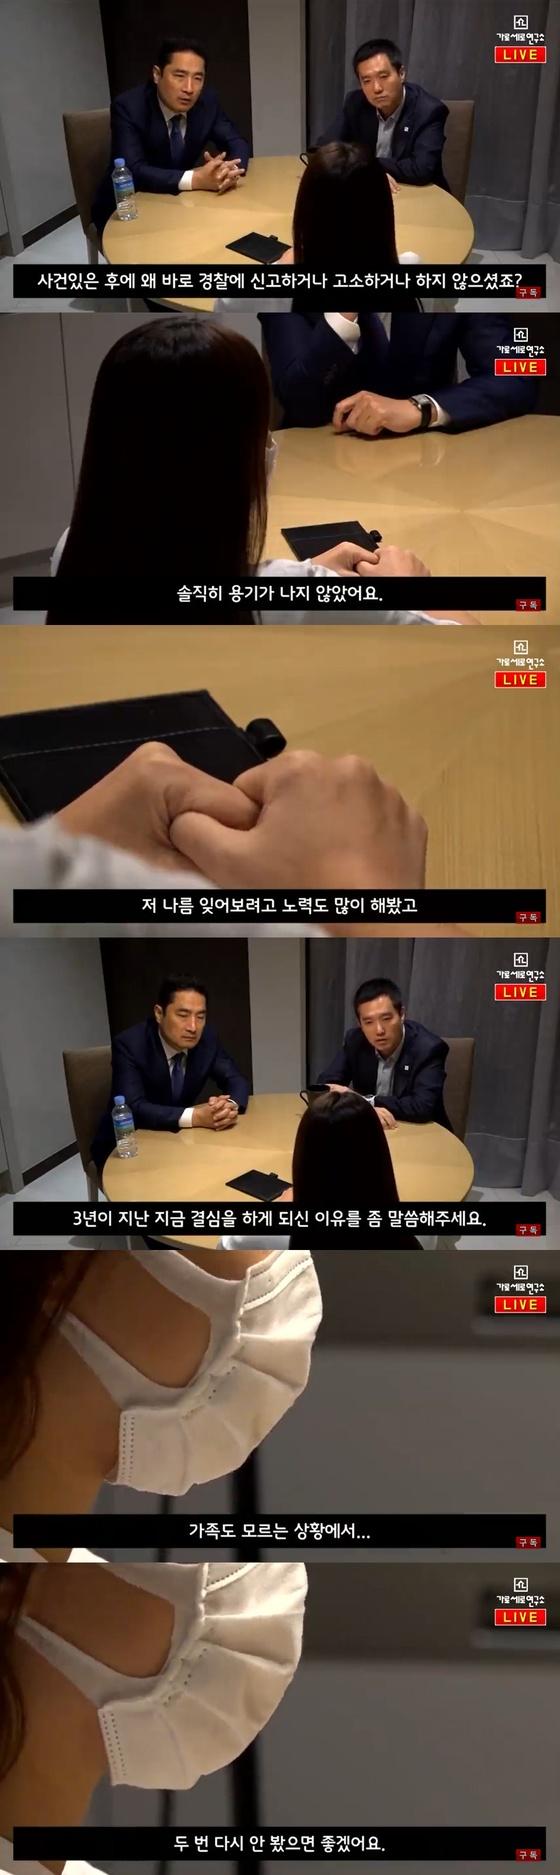 """가세연, 김건모 성폭행 주장 A씨 인터뷰 공개 속 """"다른 피해자도"""""""